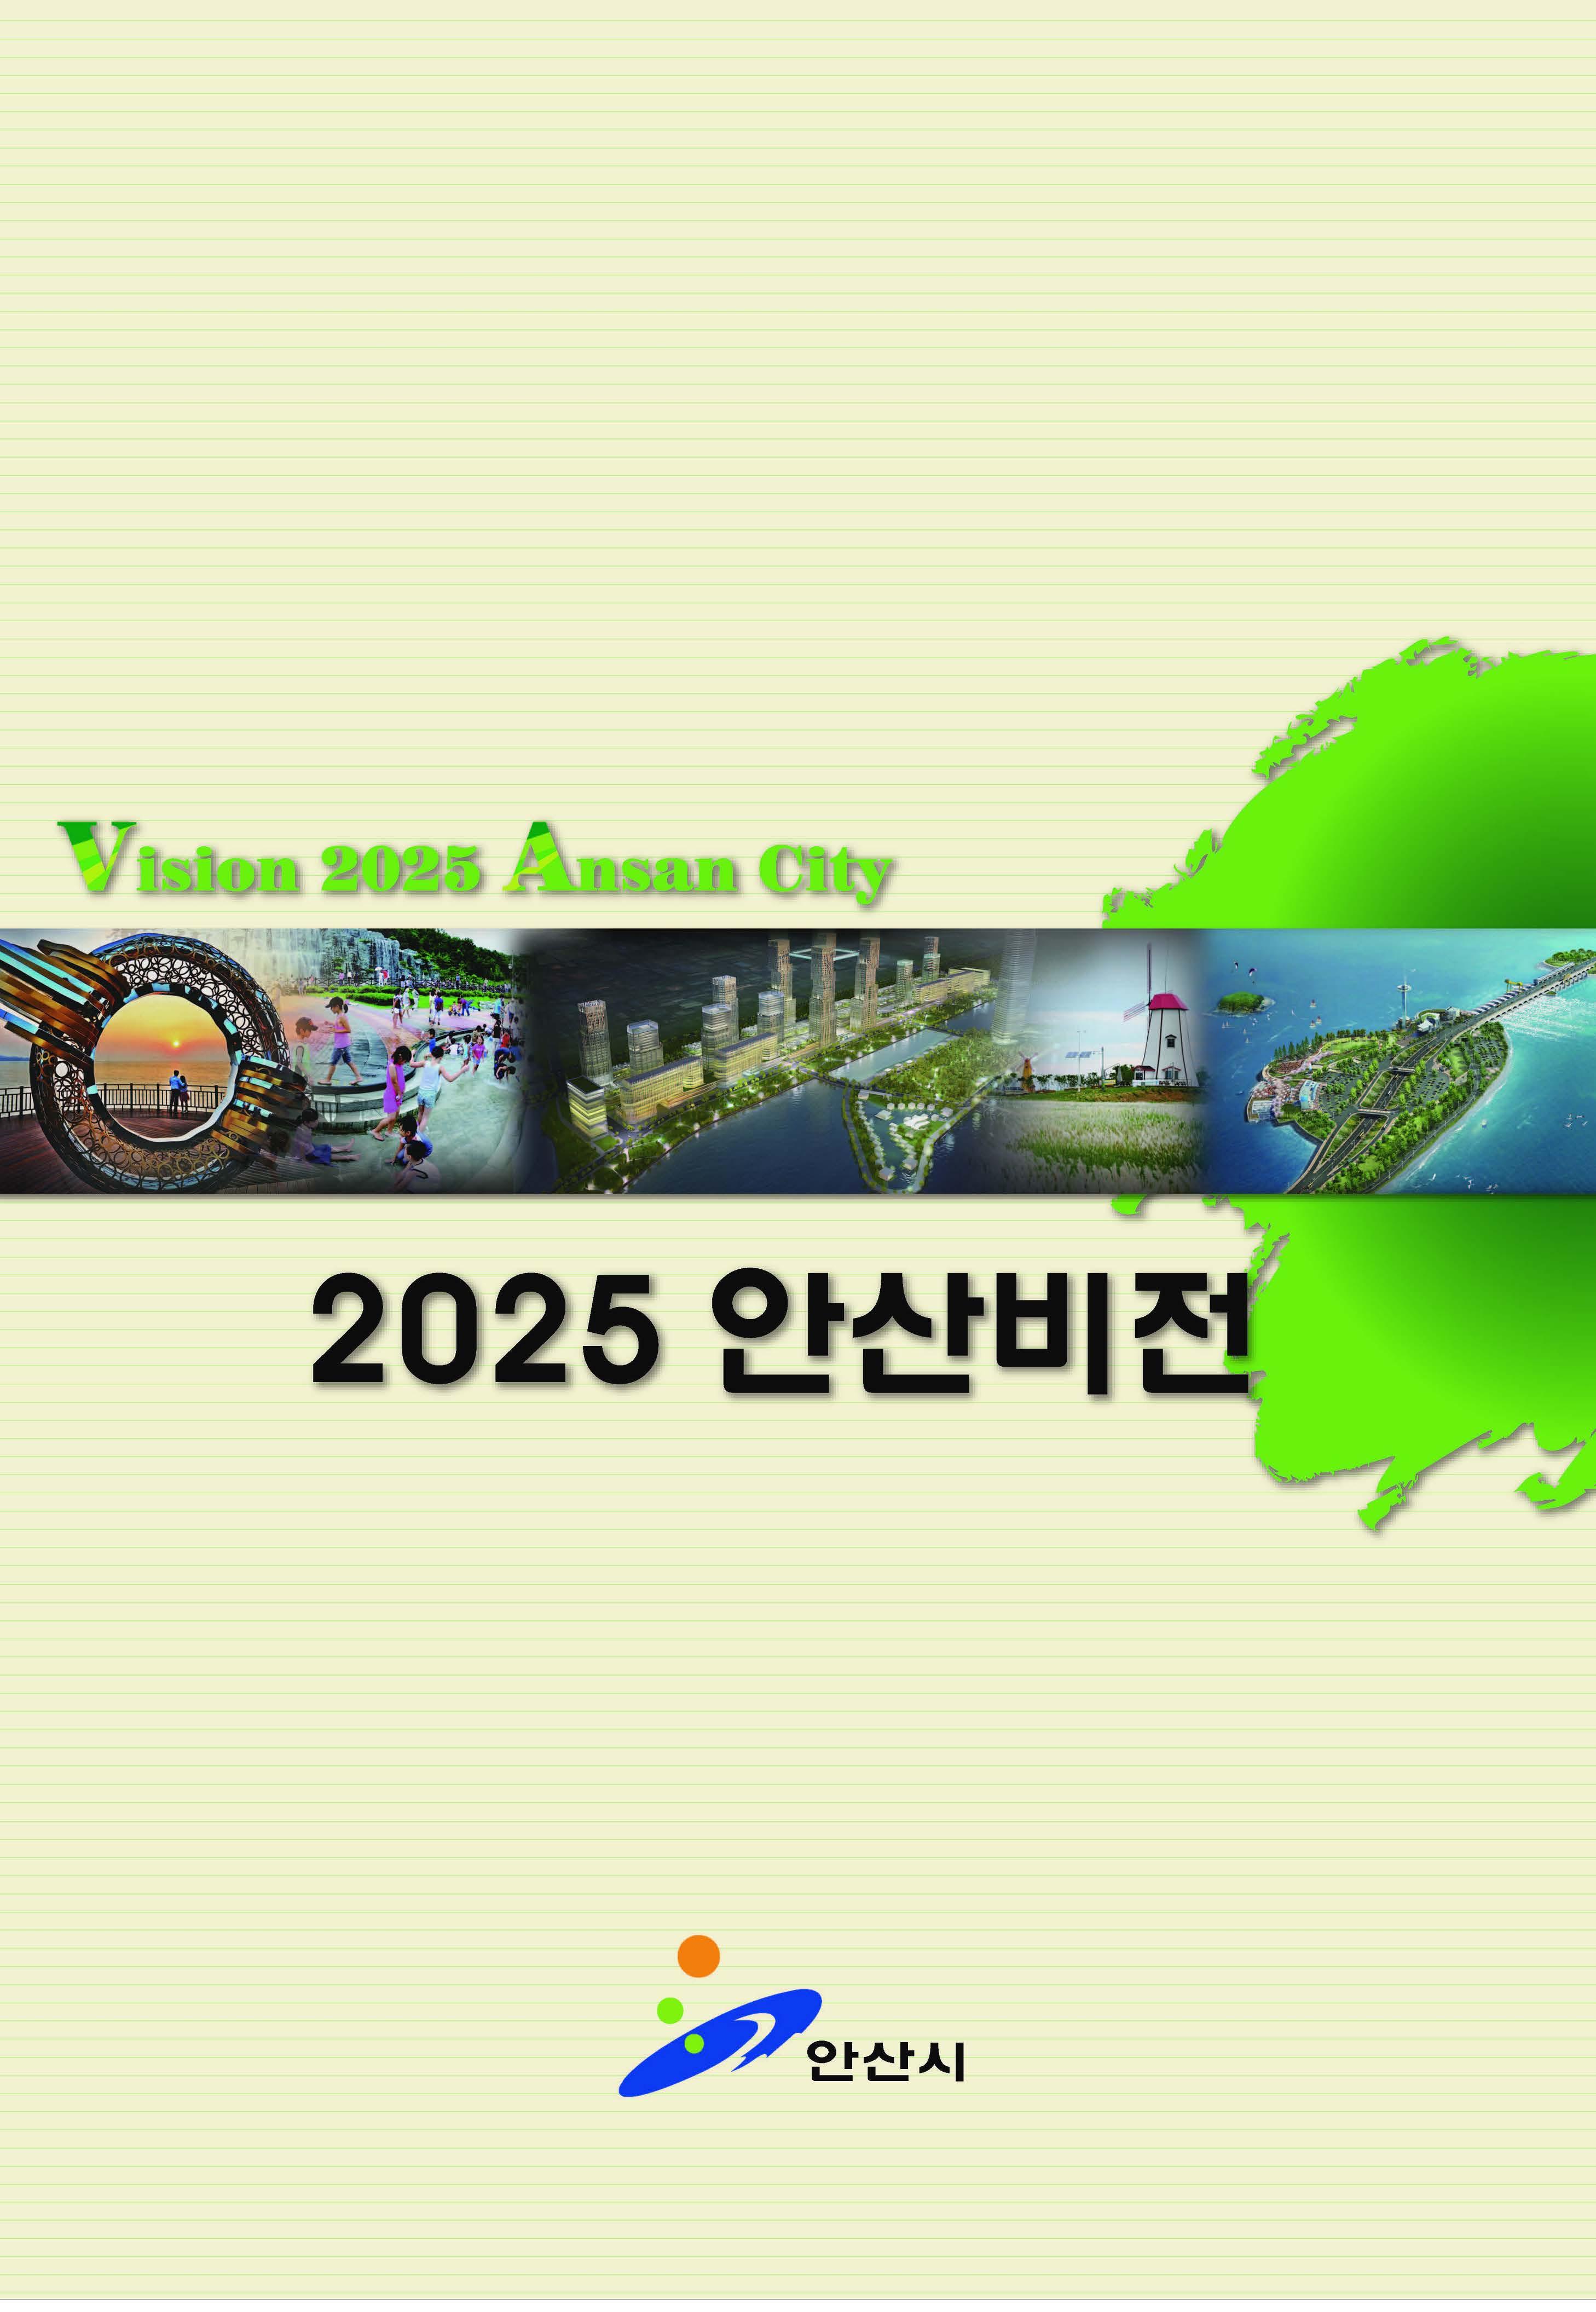 2025 안산비전